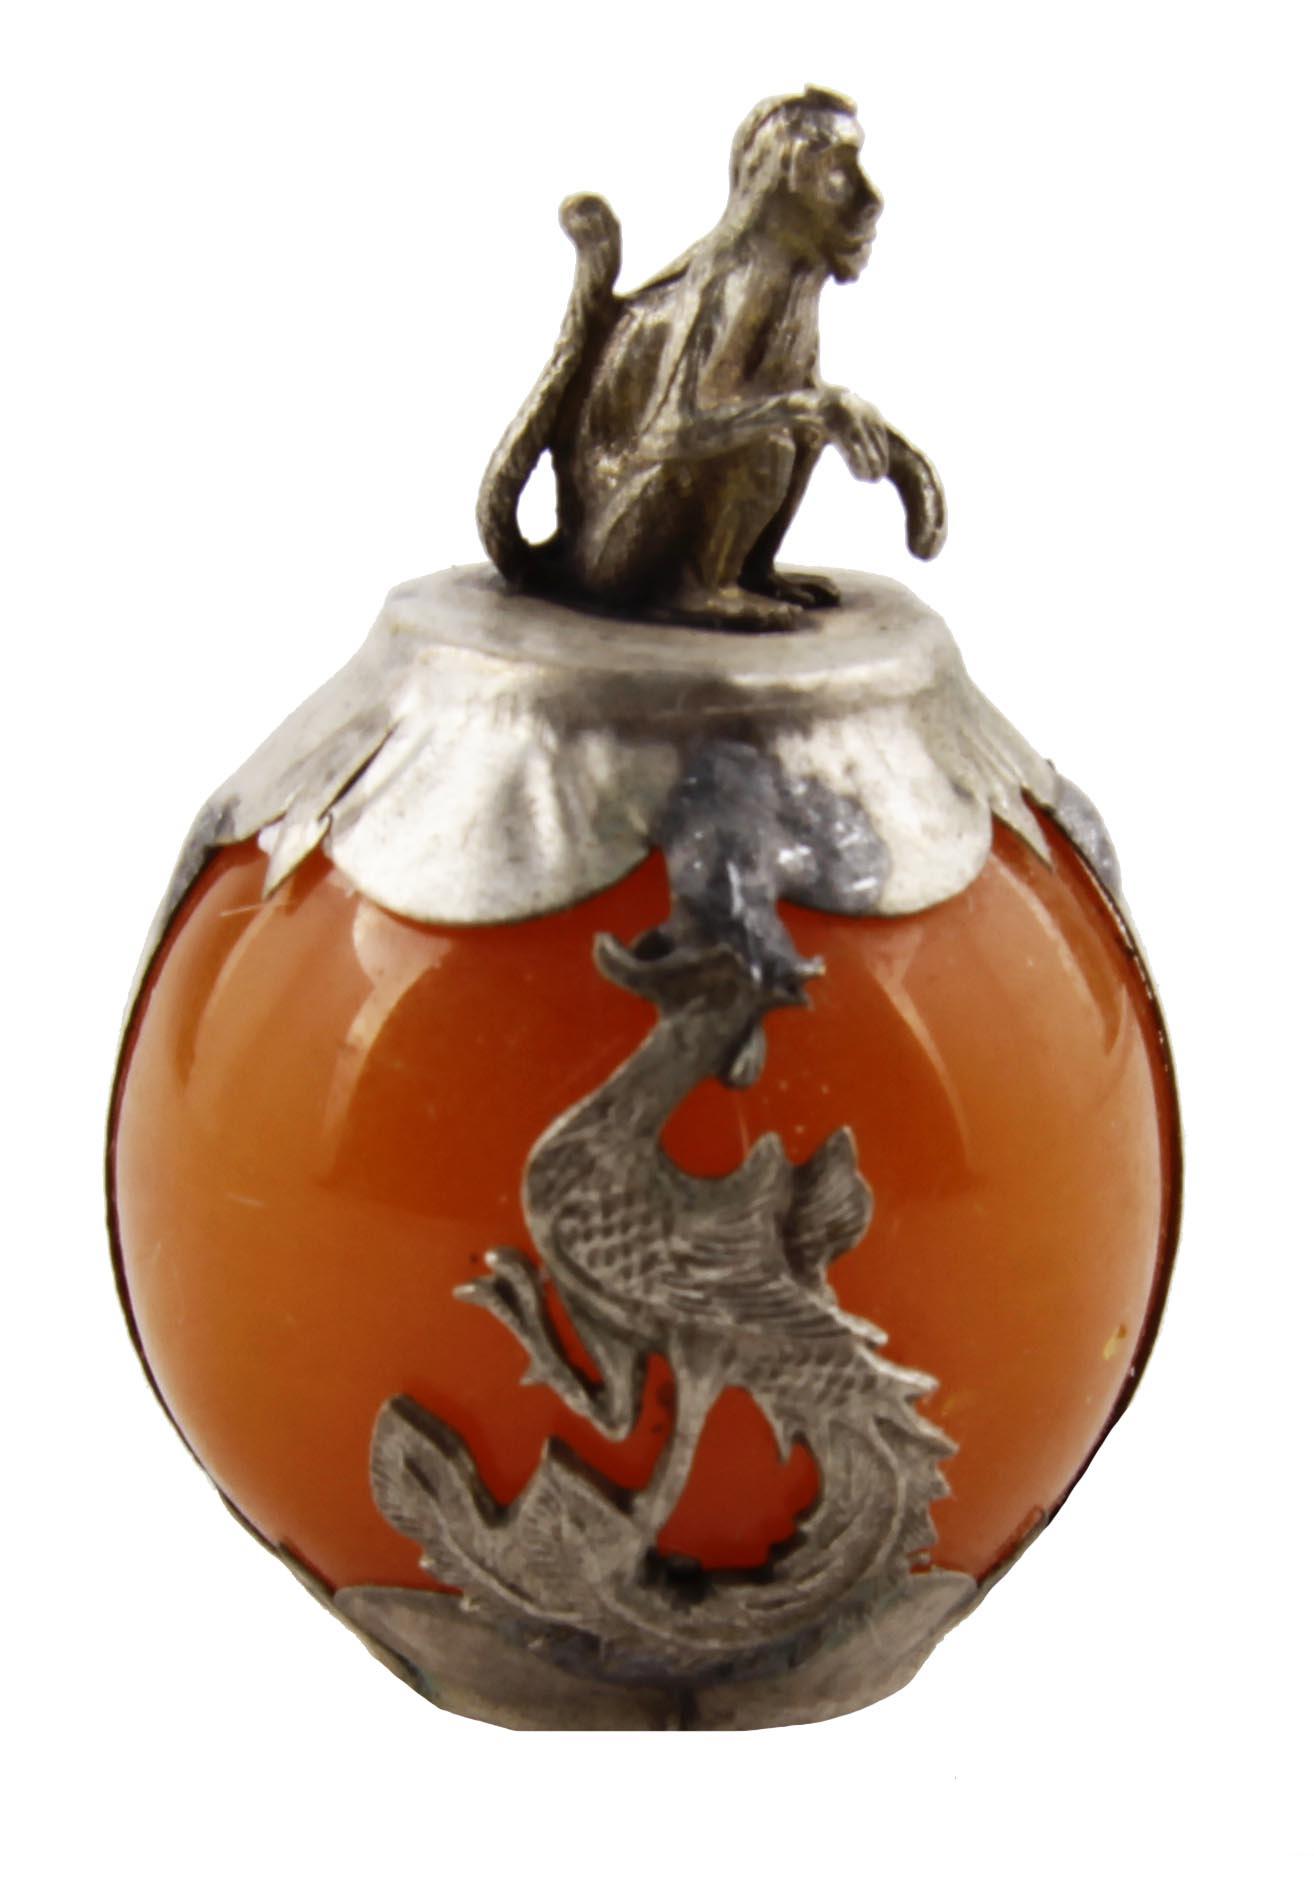 Настольный декор Обезьяна из коллекции Восточный гороскоп. Металл, чеканка, искусственный камень. Китай, вторая половина XX века